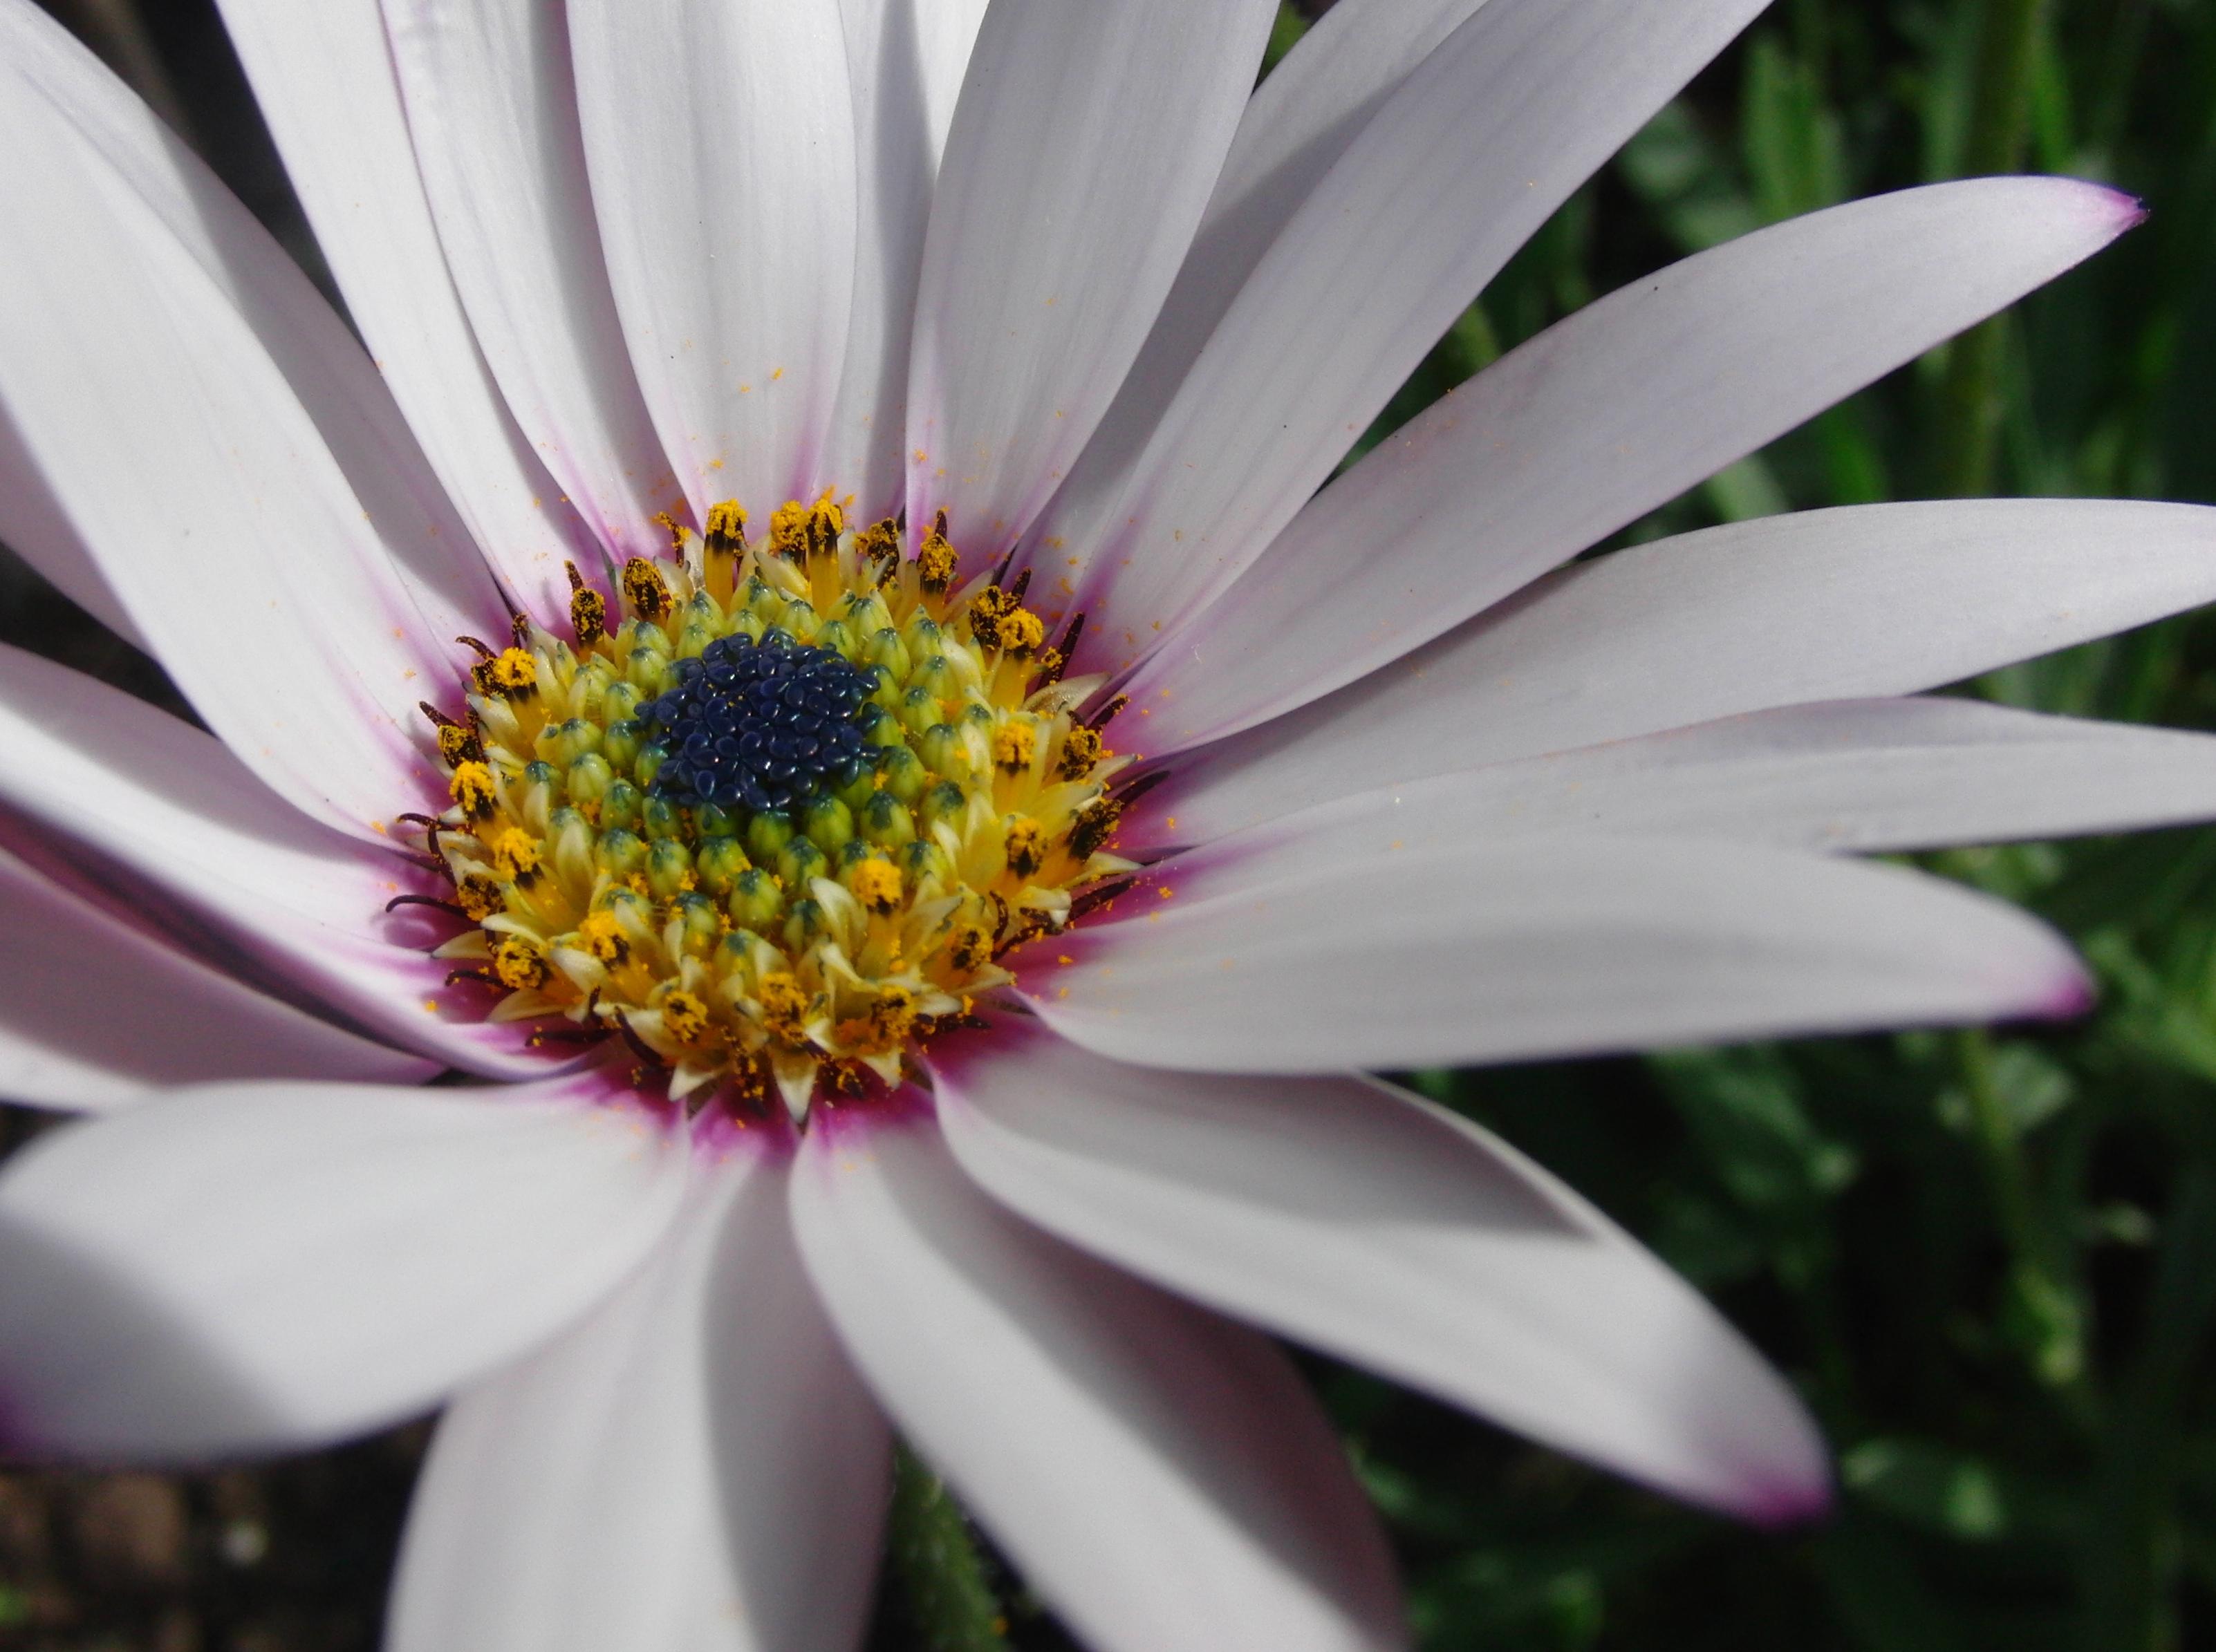 Osteospermum sunshine by KateHodges